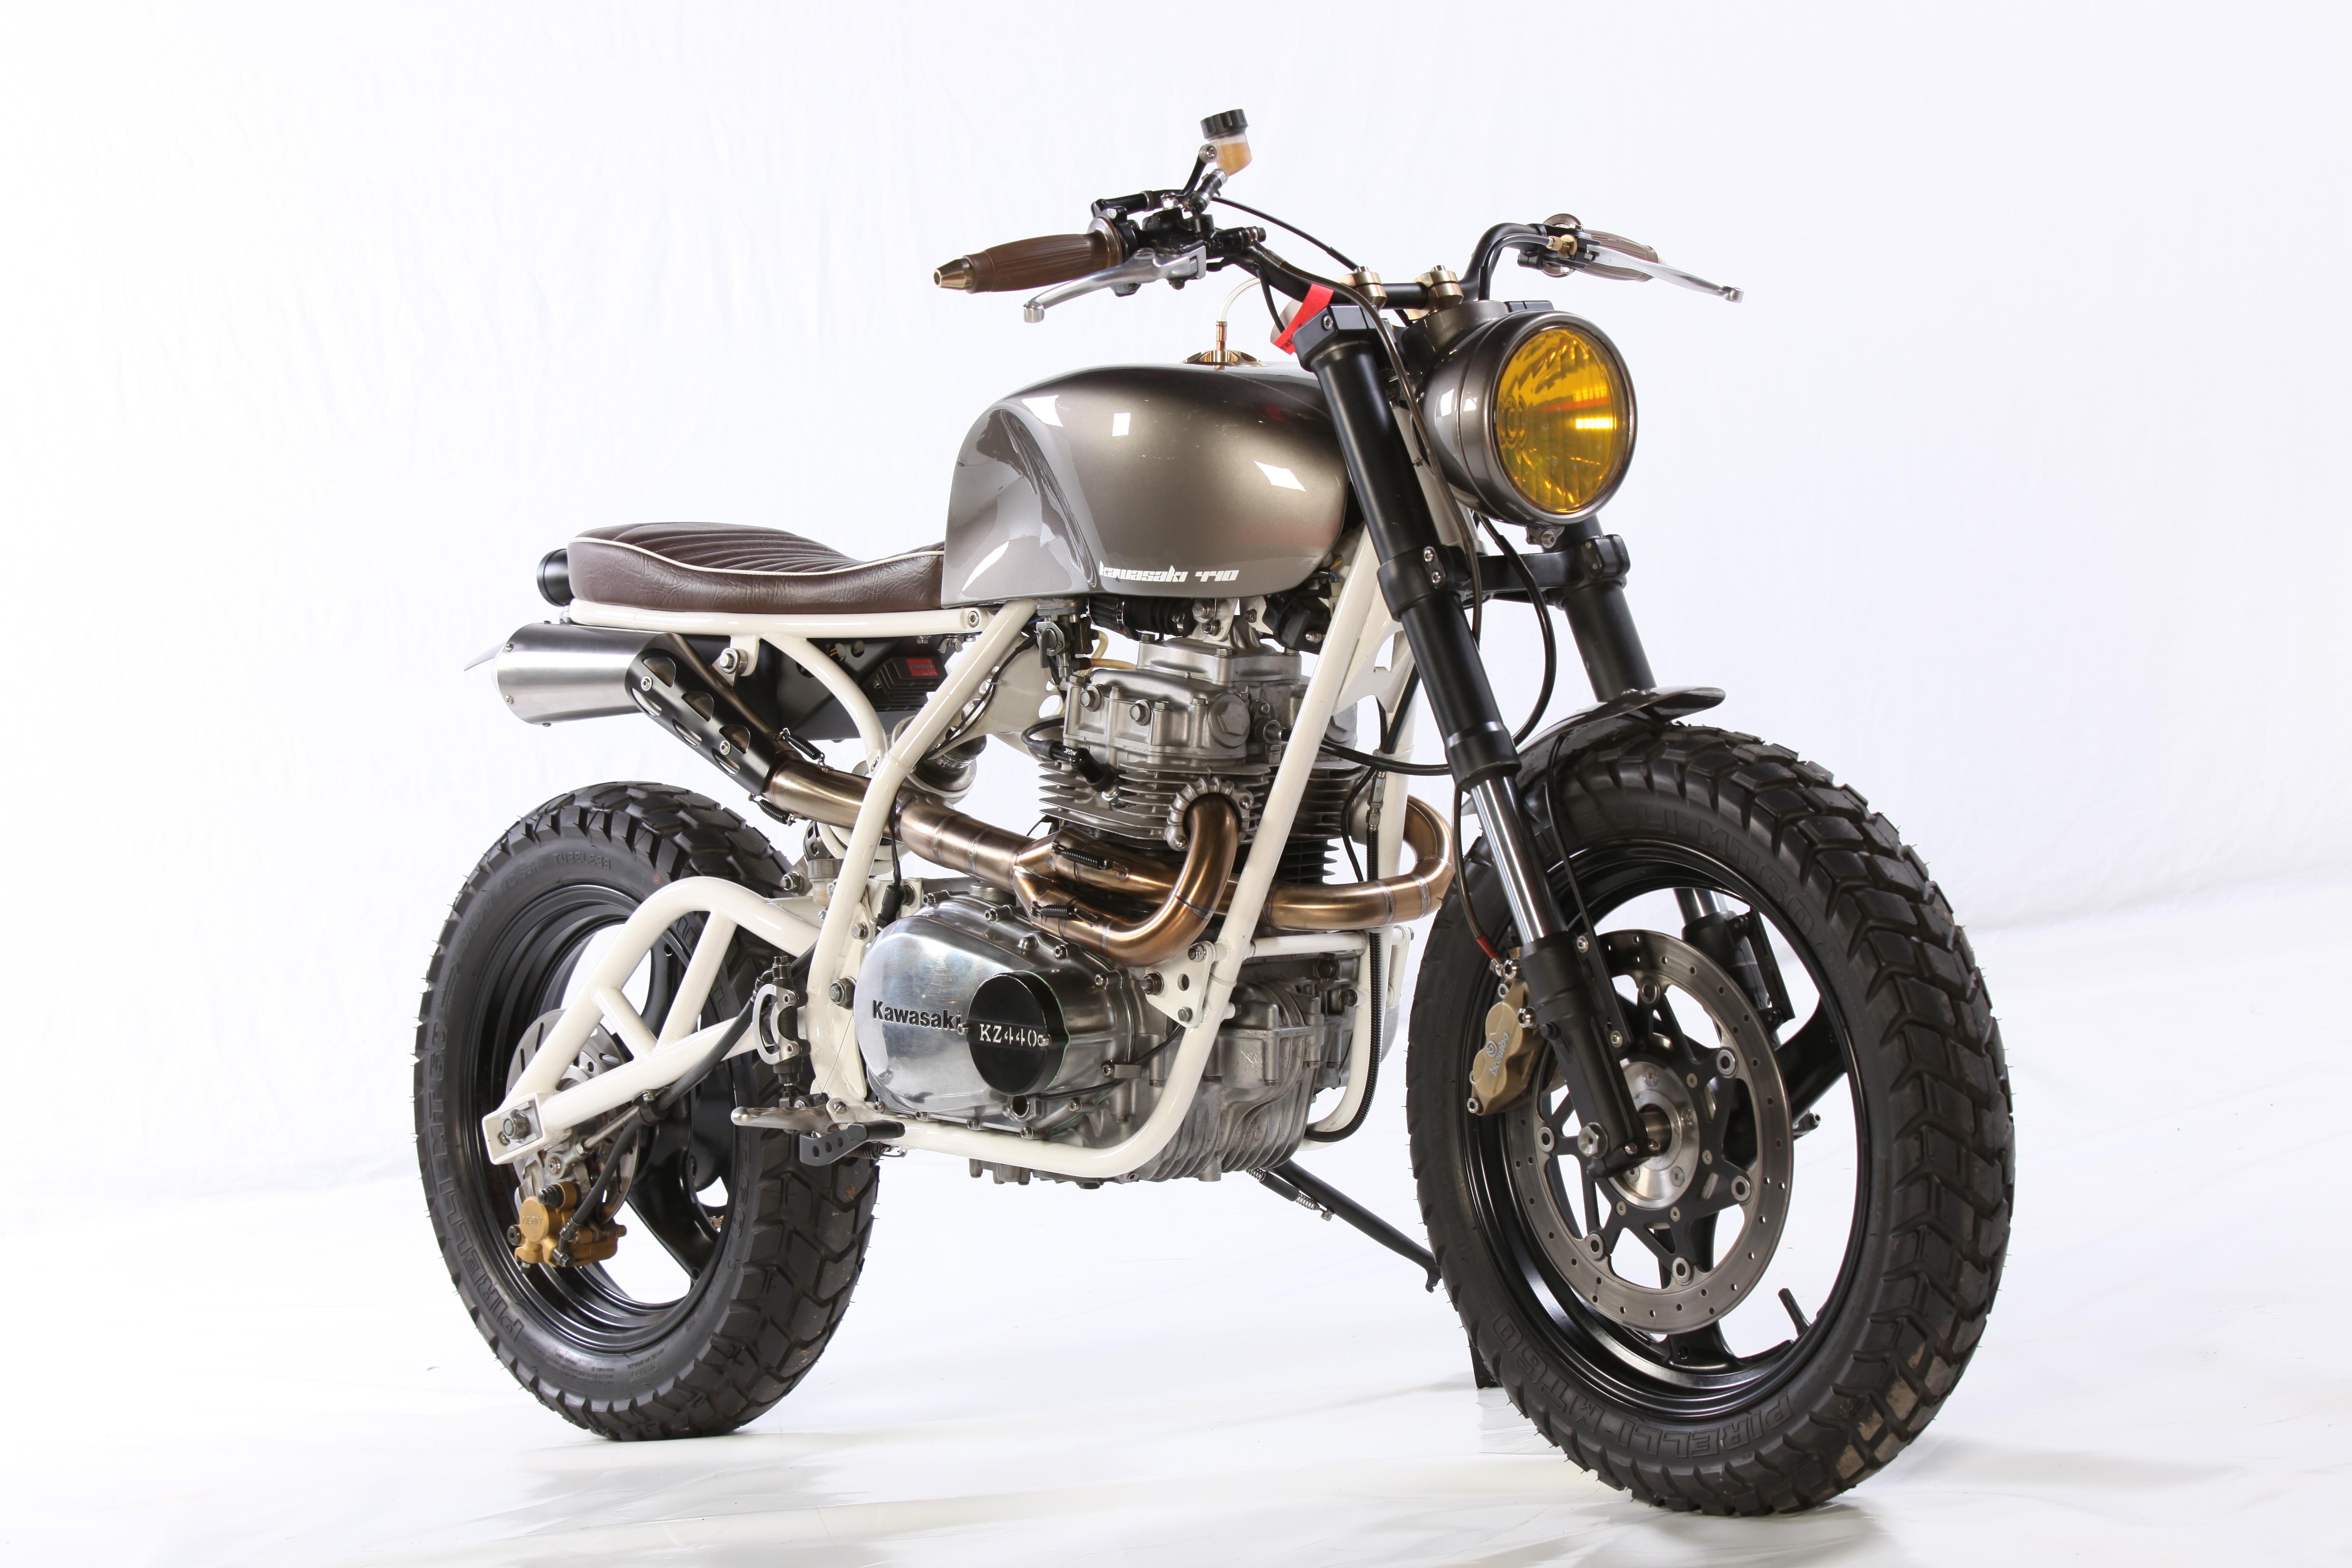 Kawasaki KZ440 Scrambler 440